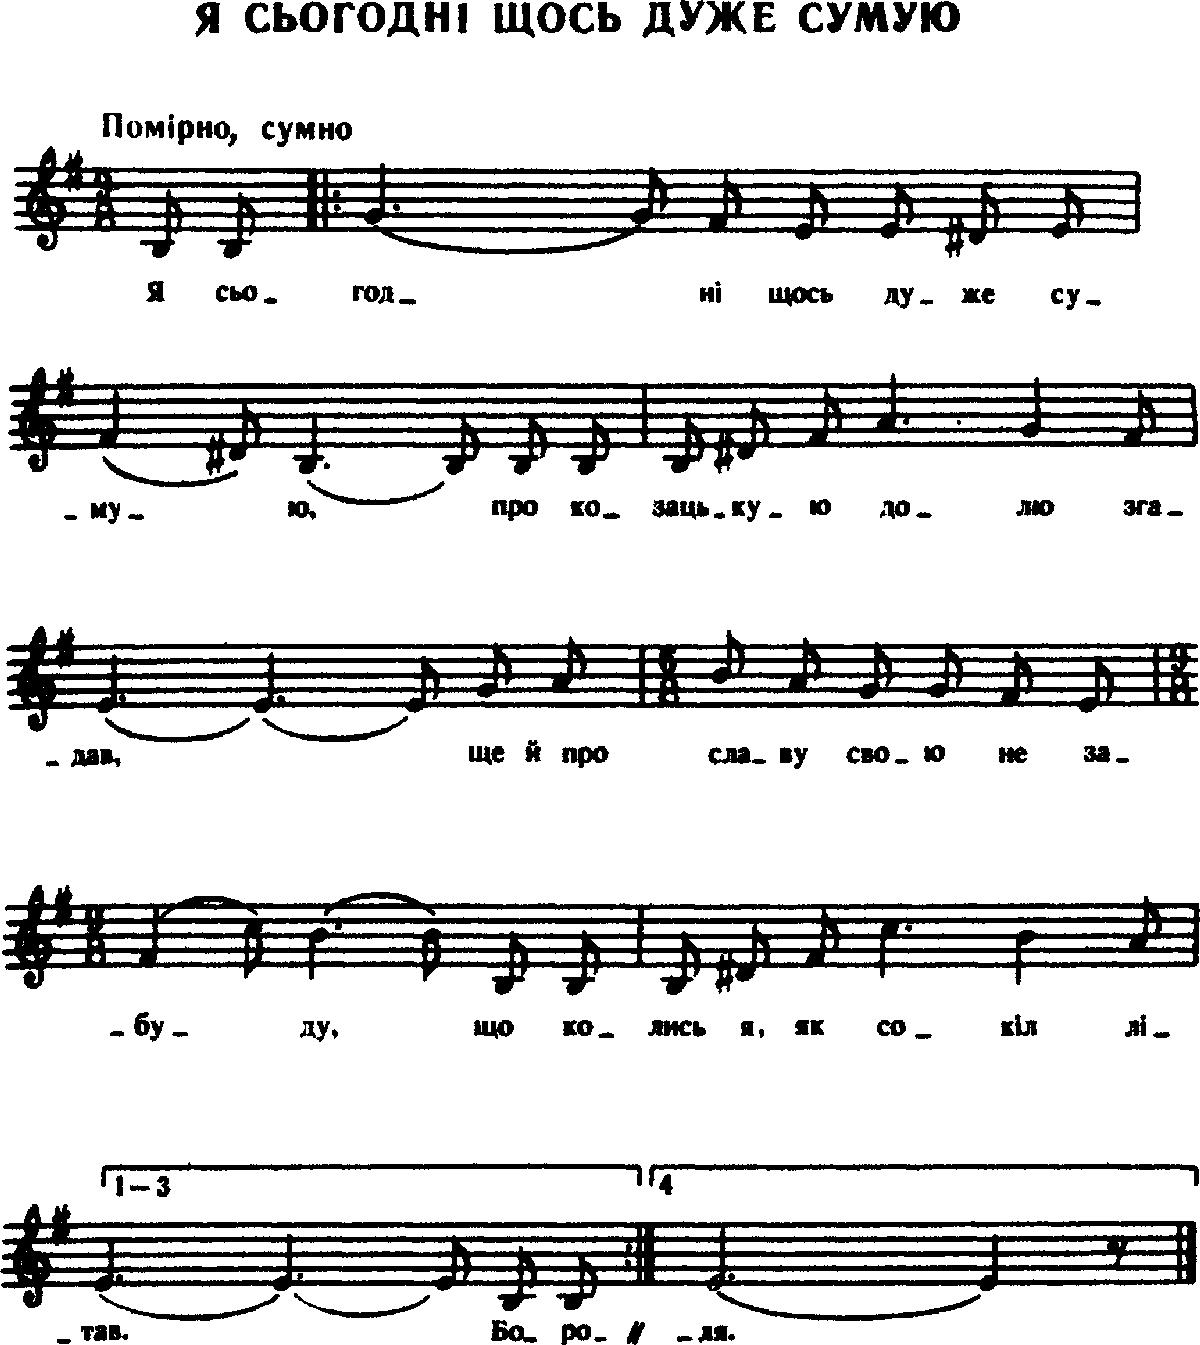 Українська народна пісня Я СЬОГОДНІ ЩОСЬ ДУЖЕ СУМУЮ — ноти